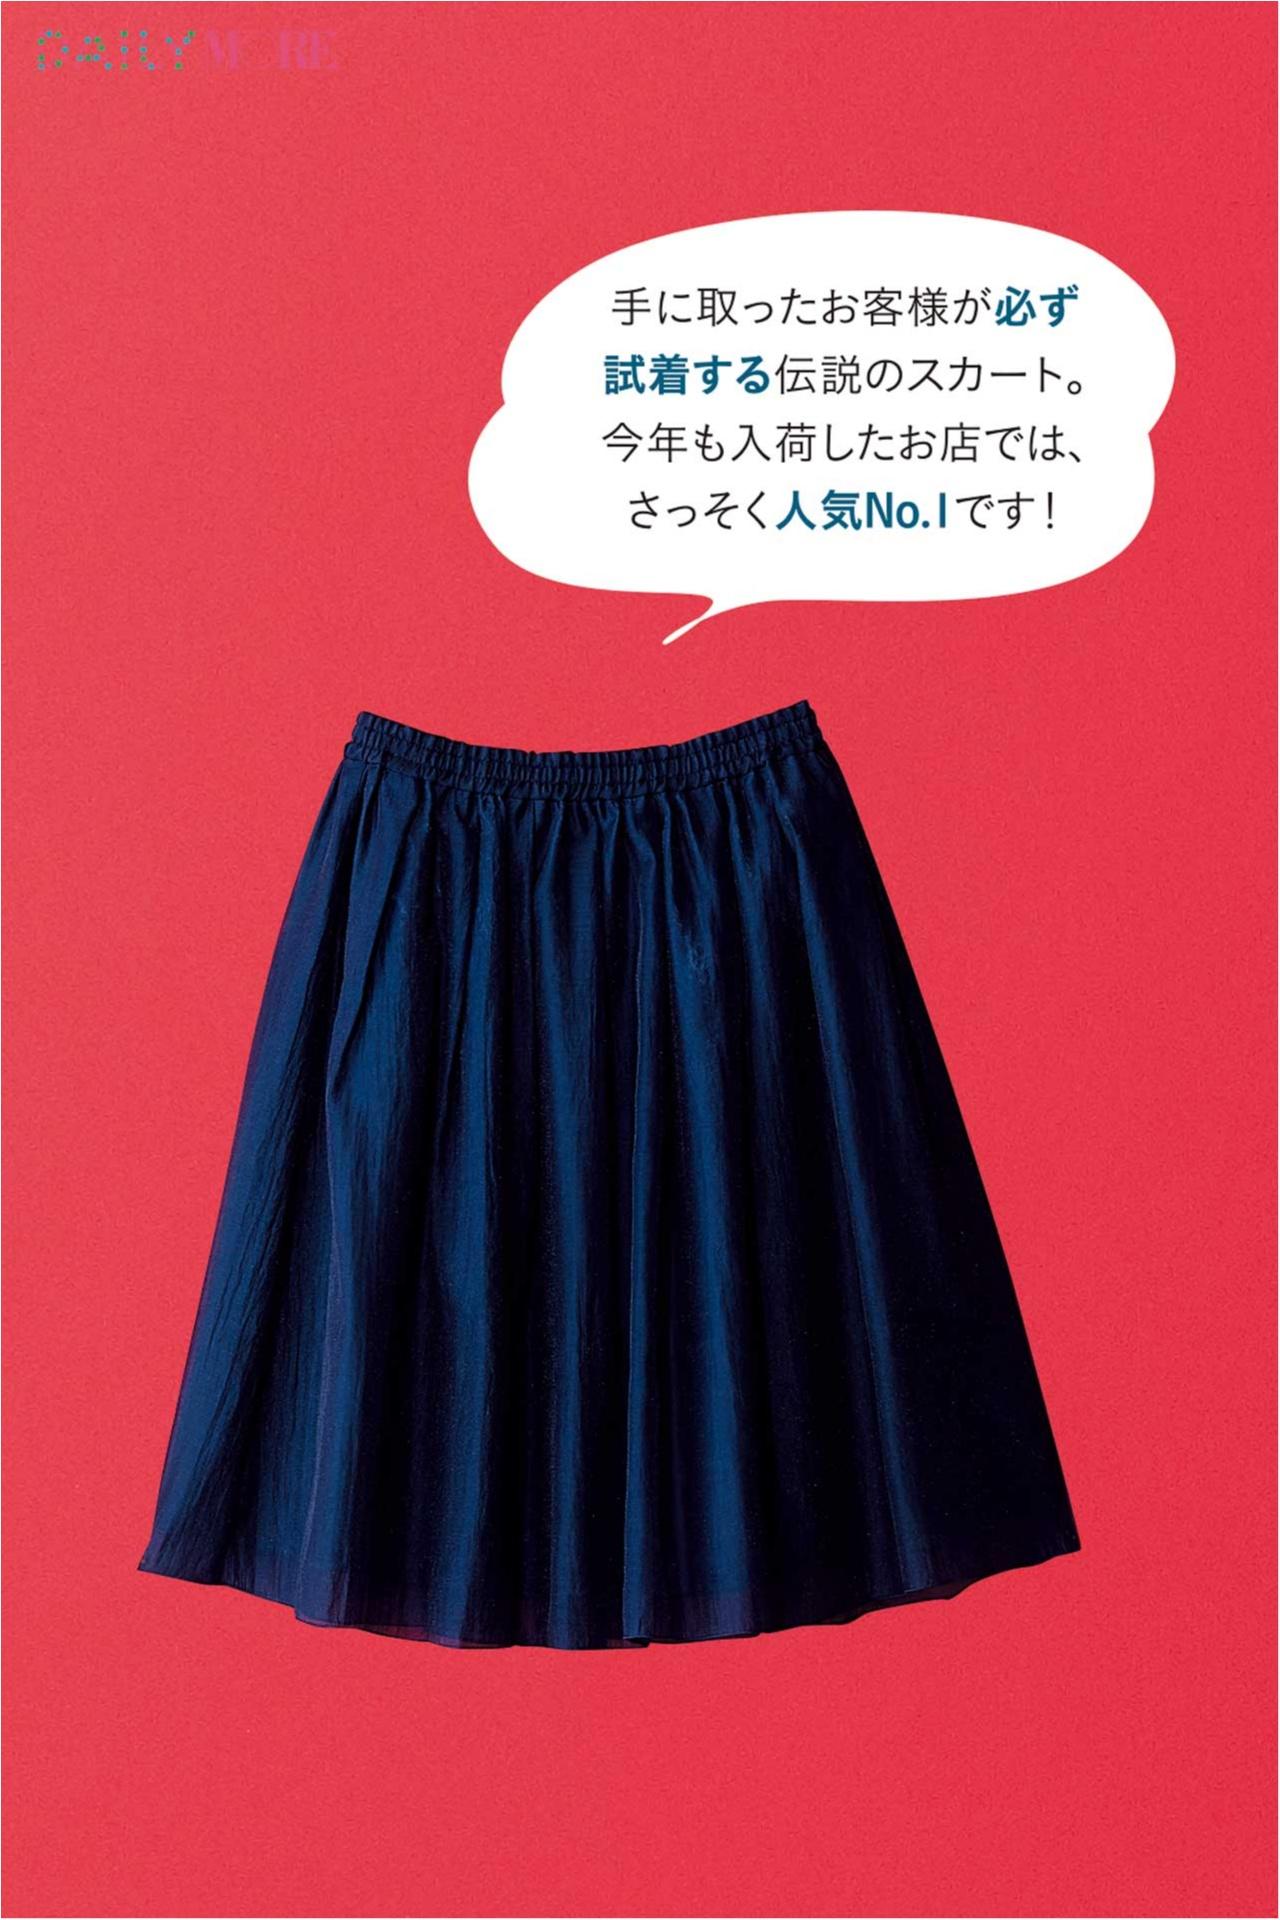 【働く女子、注目!】『ユニクロ』『テチチ』『ViS』、大人気ブランドのプレスが熱弁する「すごいお仕事服」って!?_3